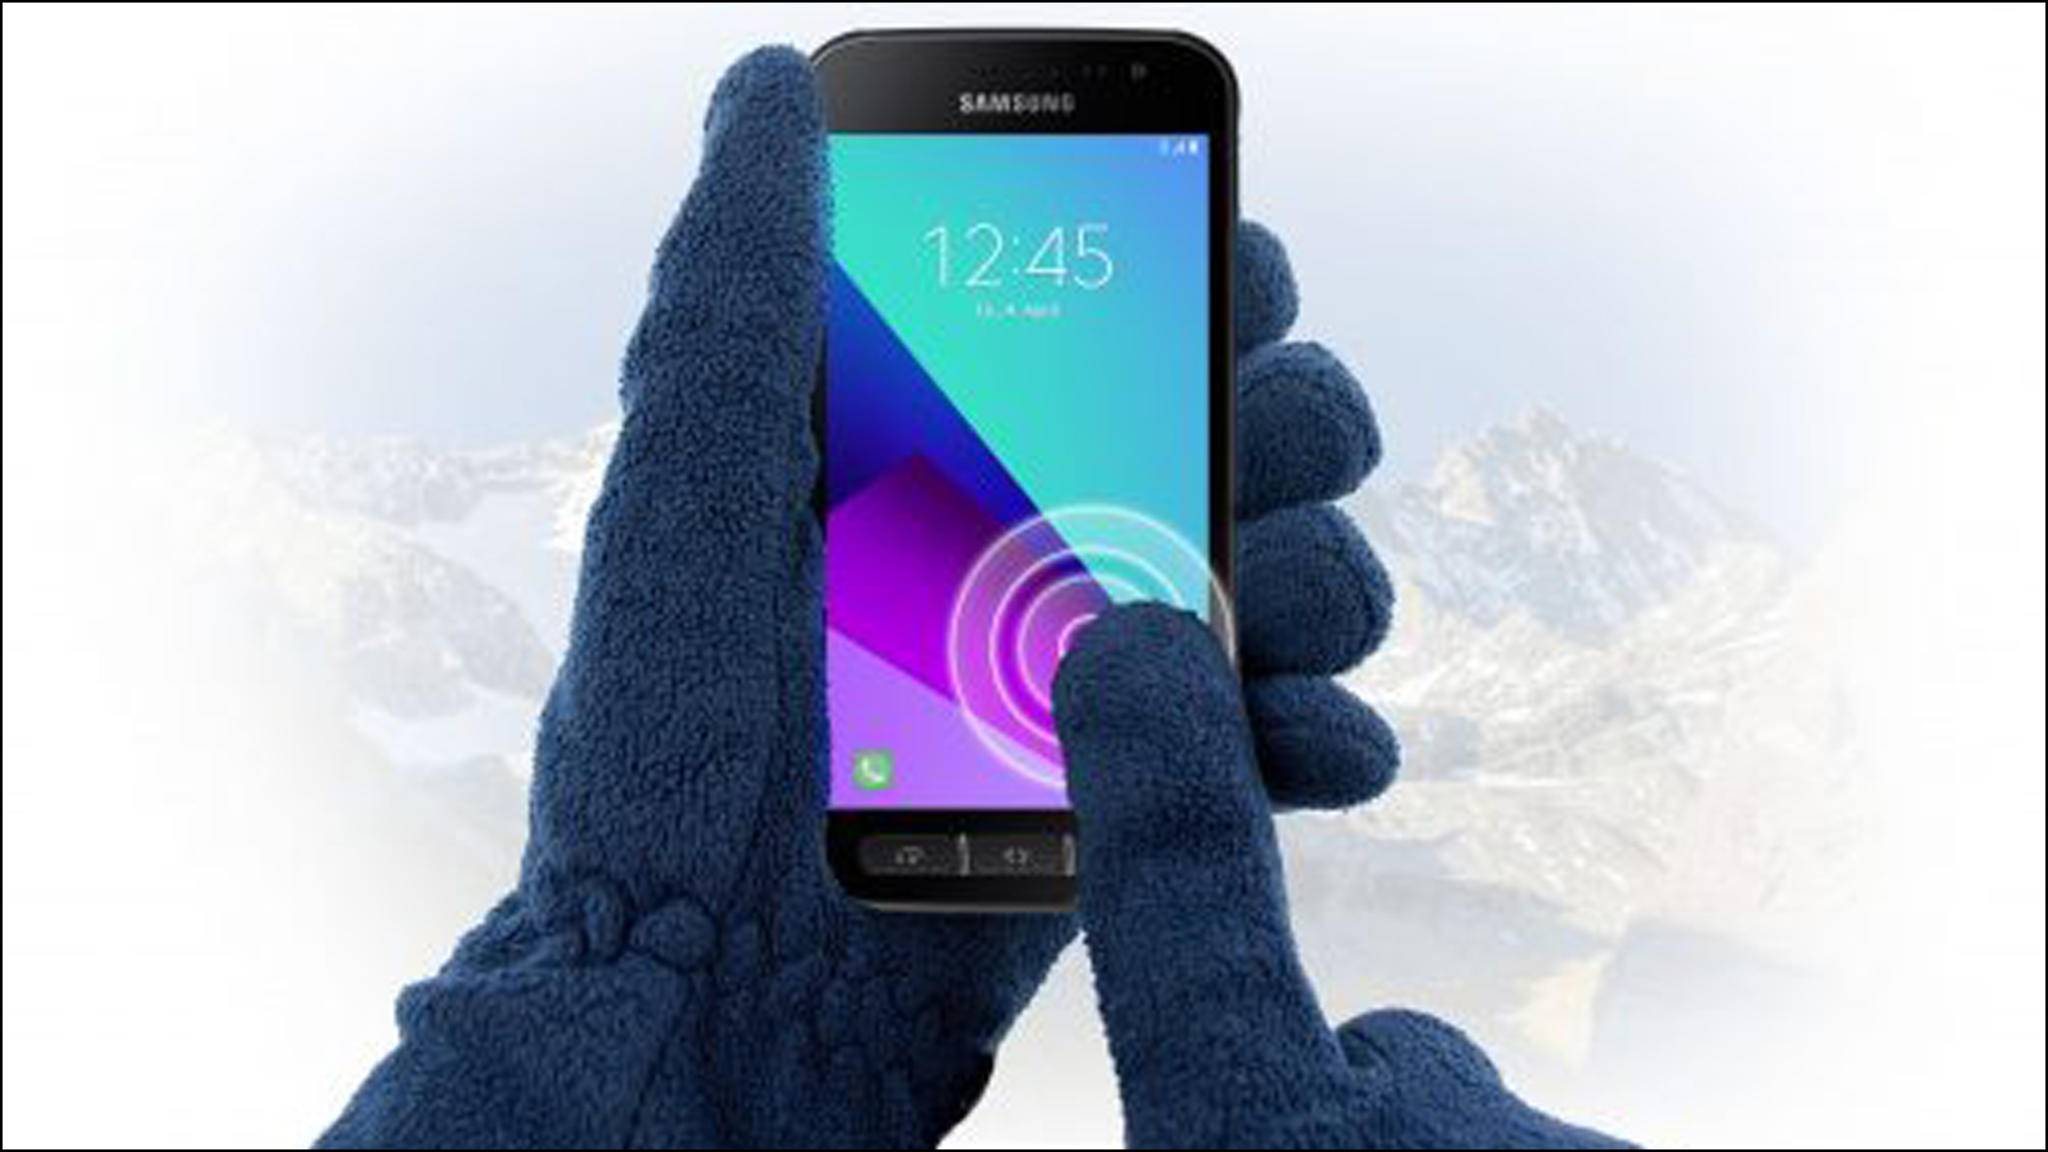 Das Samsung Galaxy Xvover 4 kann als Outdoor-Smartphone auch mit Handschuhen benutzt werden.